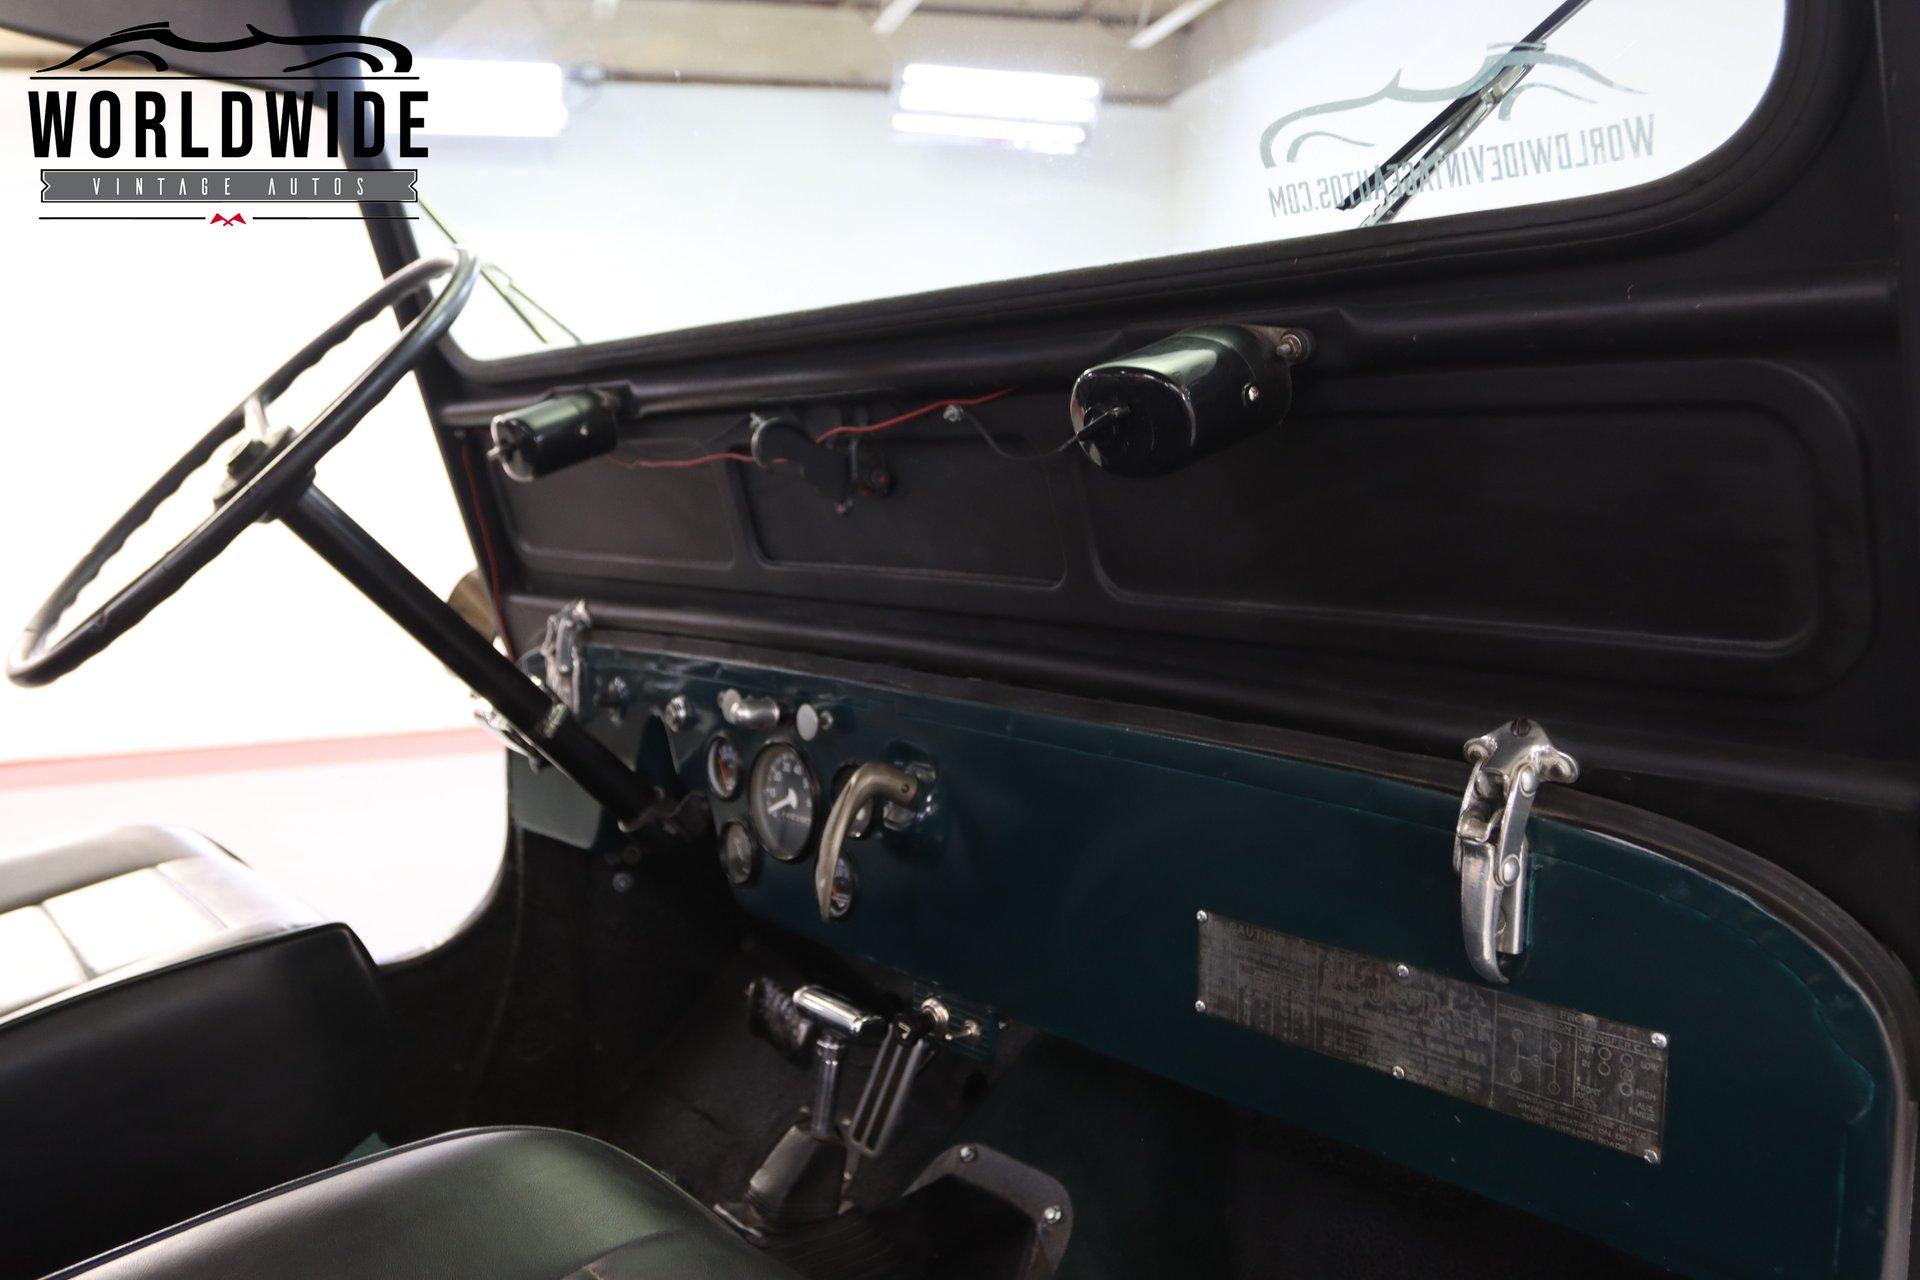 1951 Willy's CJ-2A